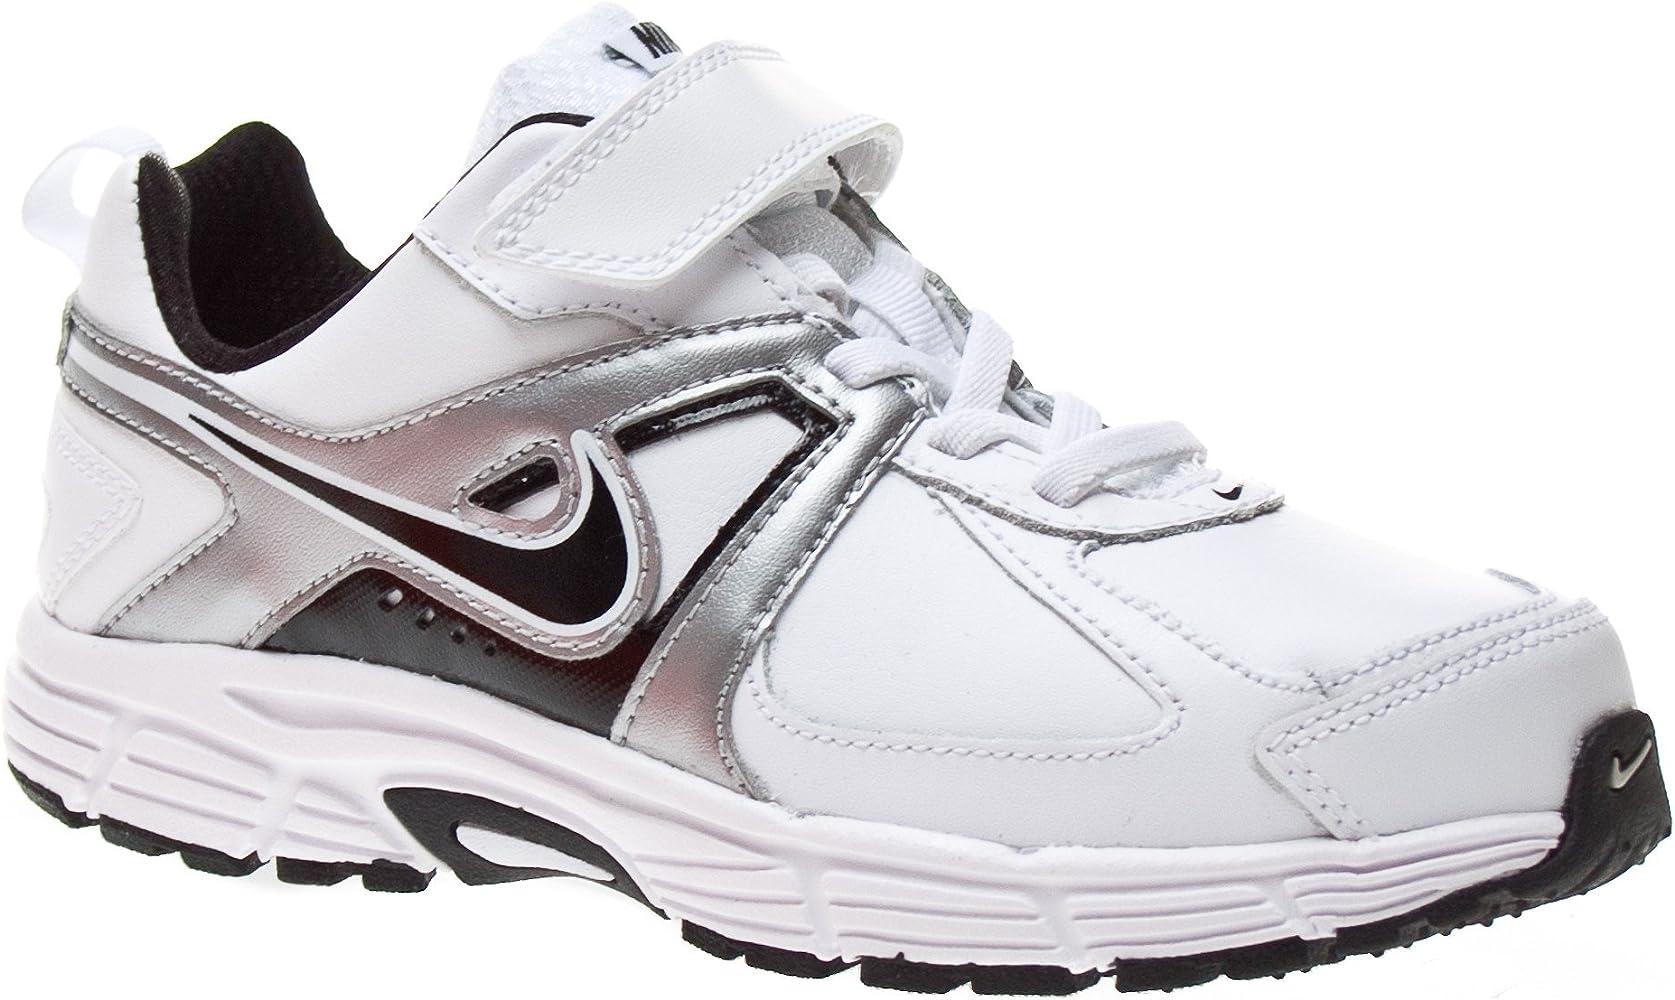 NIKE Nike dart 9 leather zapatillas running nino, nina: NIKE ...